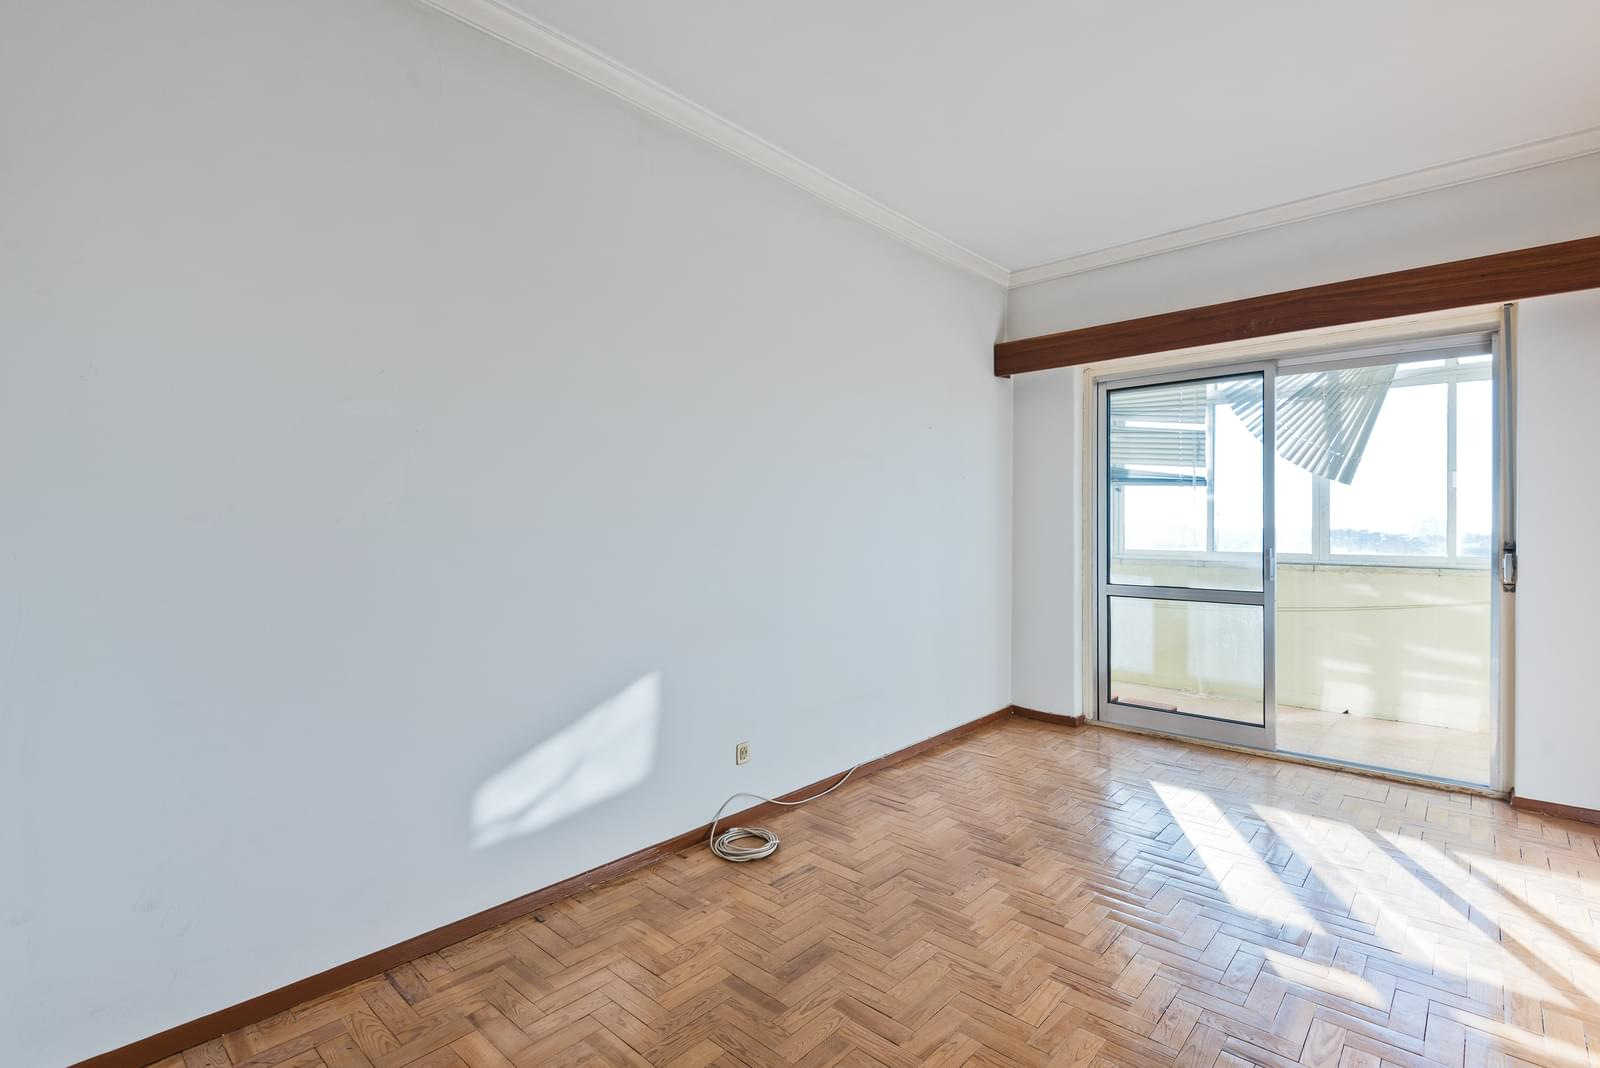 pf18965-apartamento-t2-1-cascais-7ceeefd1-0080-45e8-b622-737e7870bb78